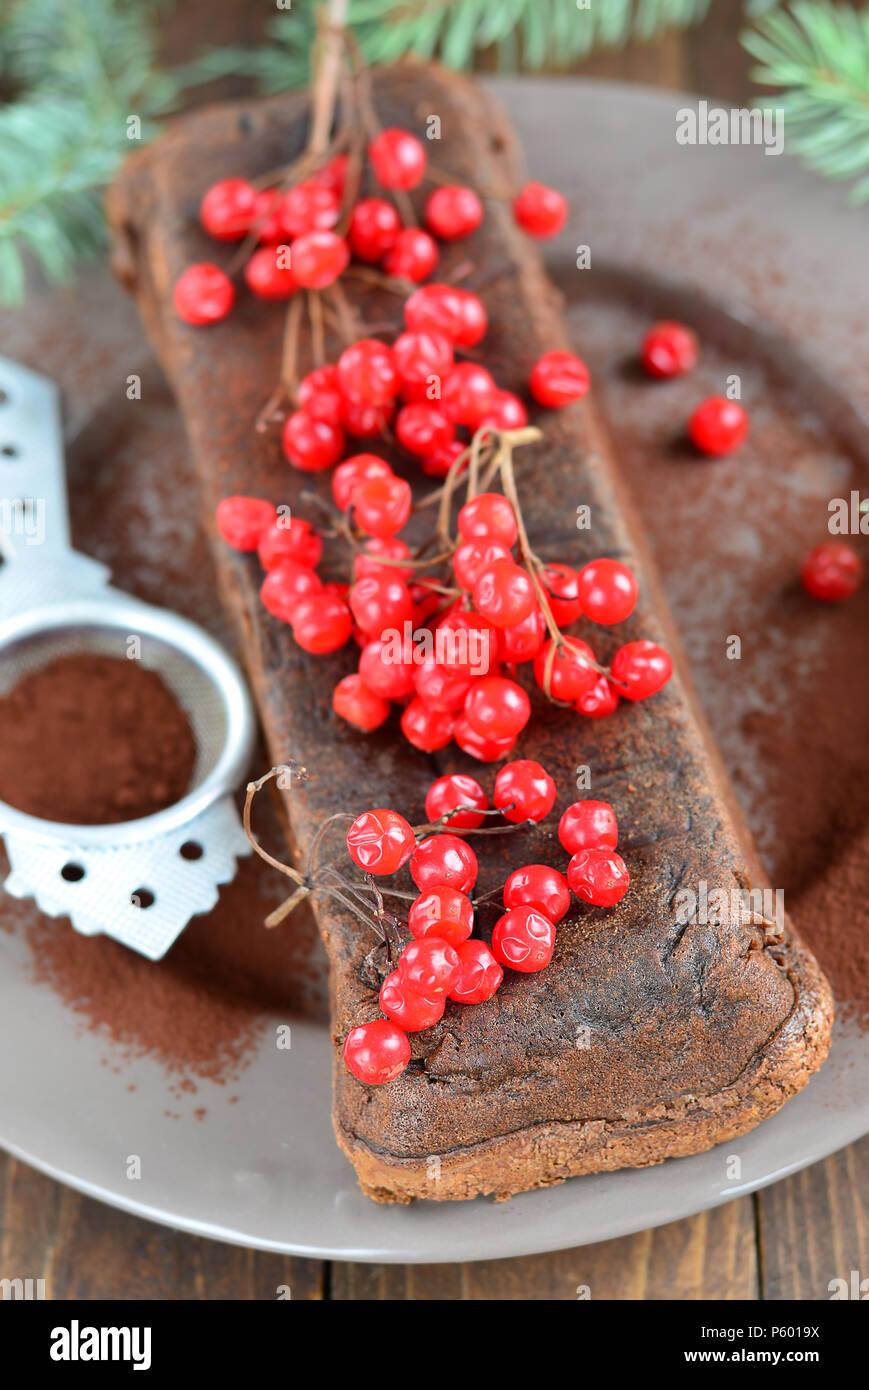 Schokolade Glutenfreie Kuchen Mit Beeren Dekoriert Stockfoto Bild